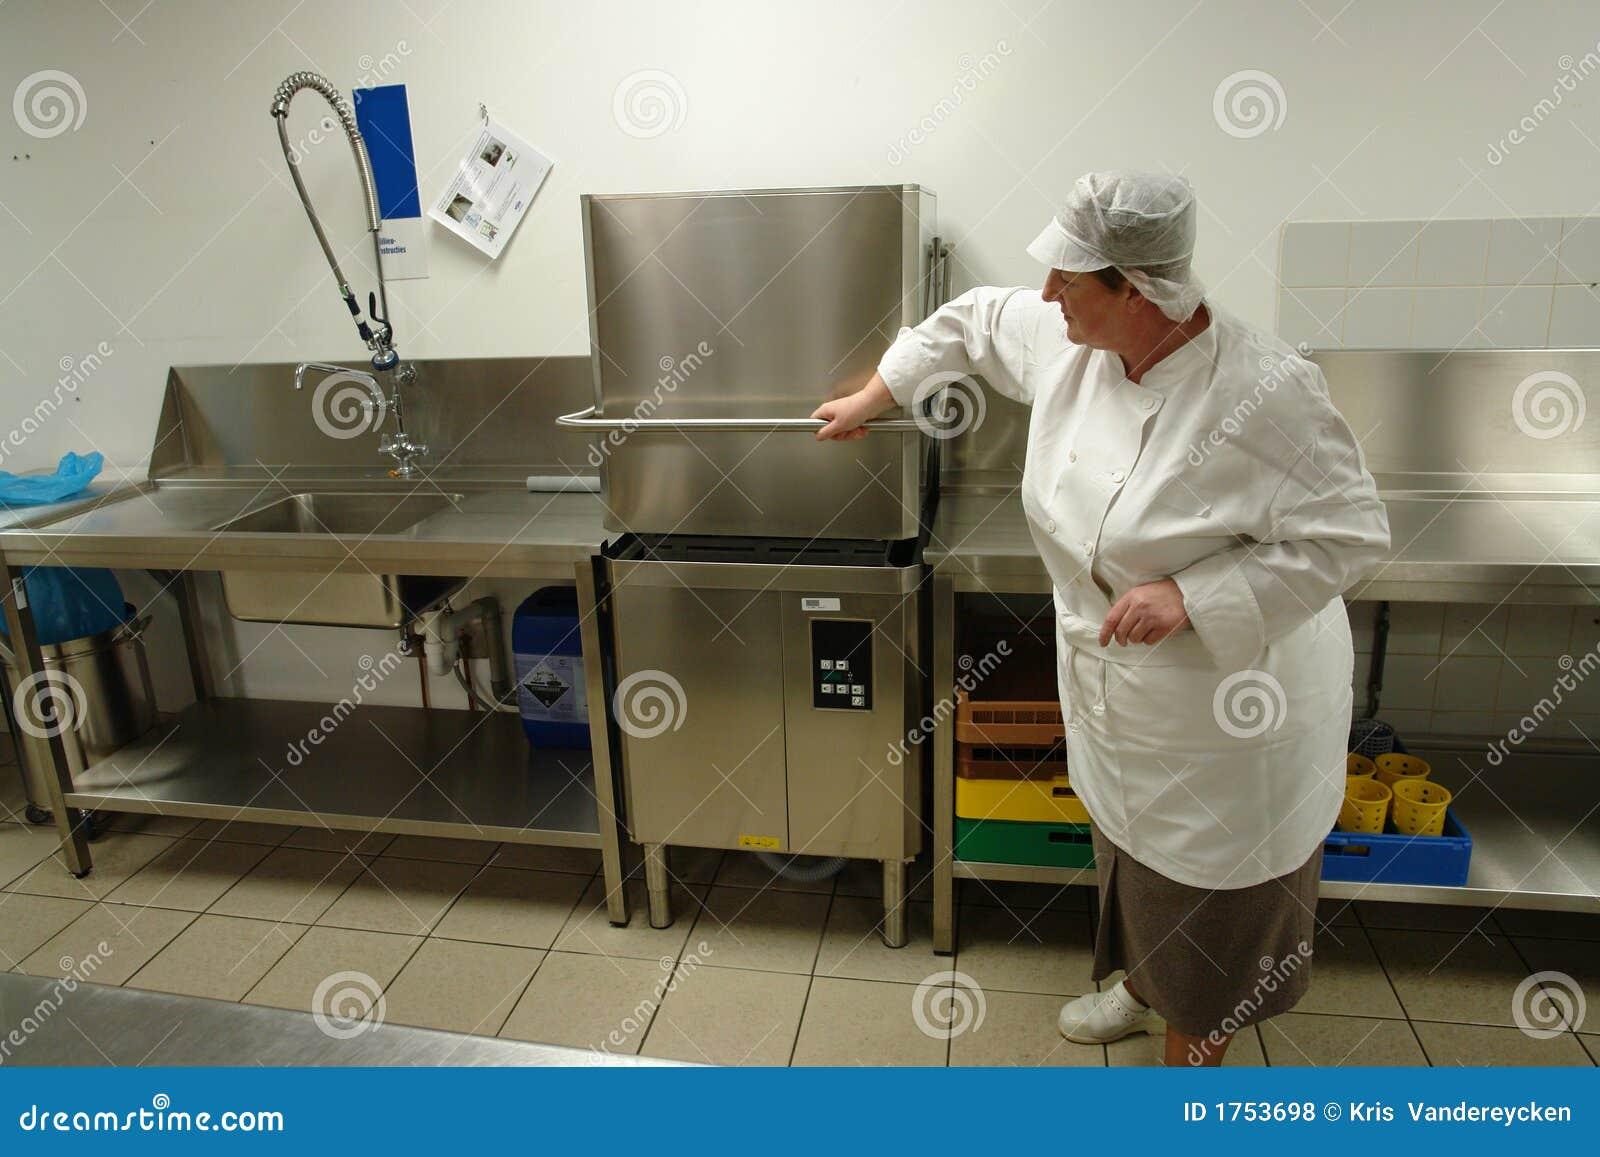 Professional Dishwashing Line Stock Photo Image Of Cook